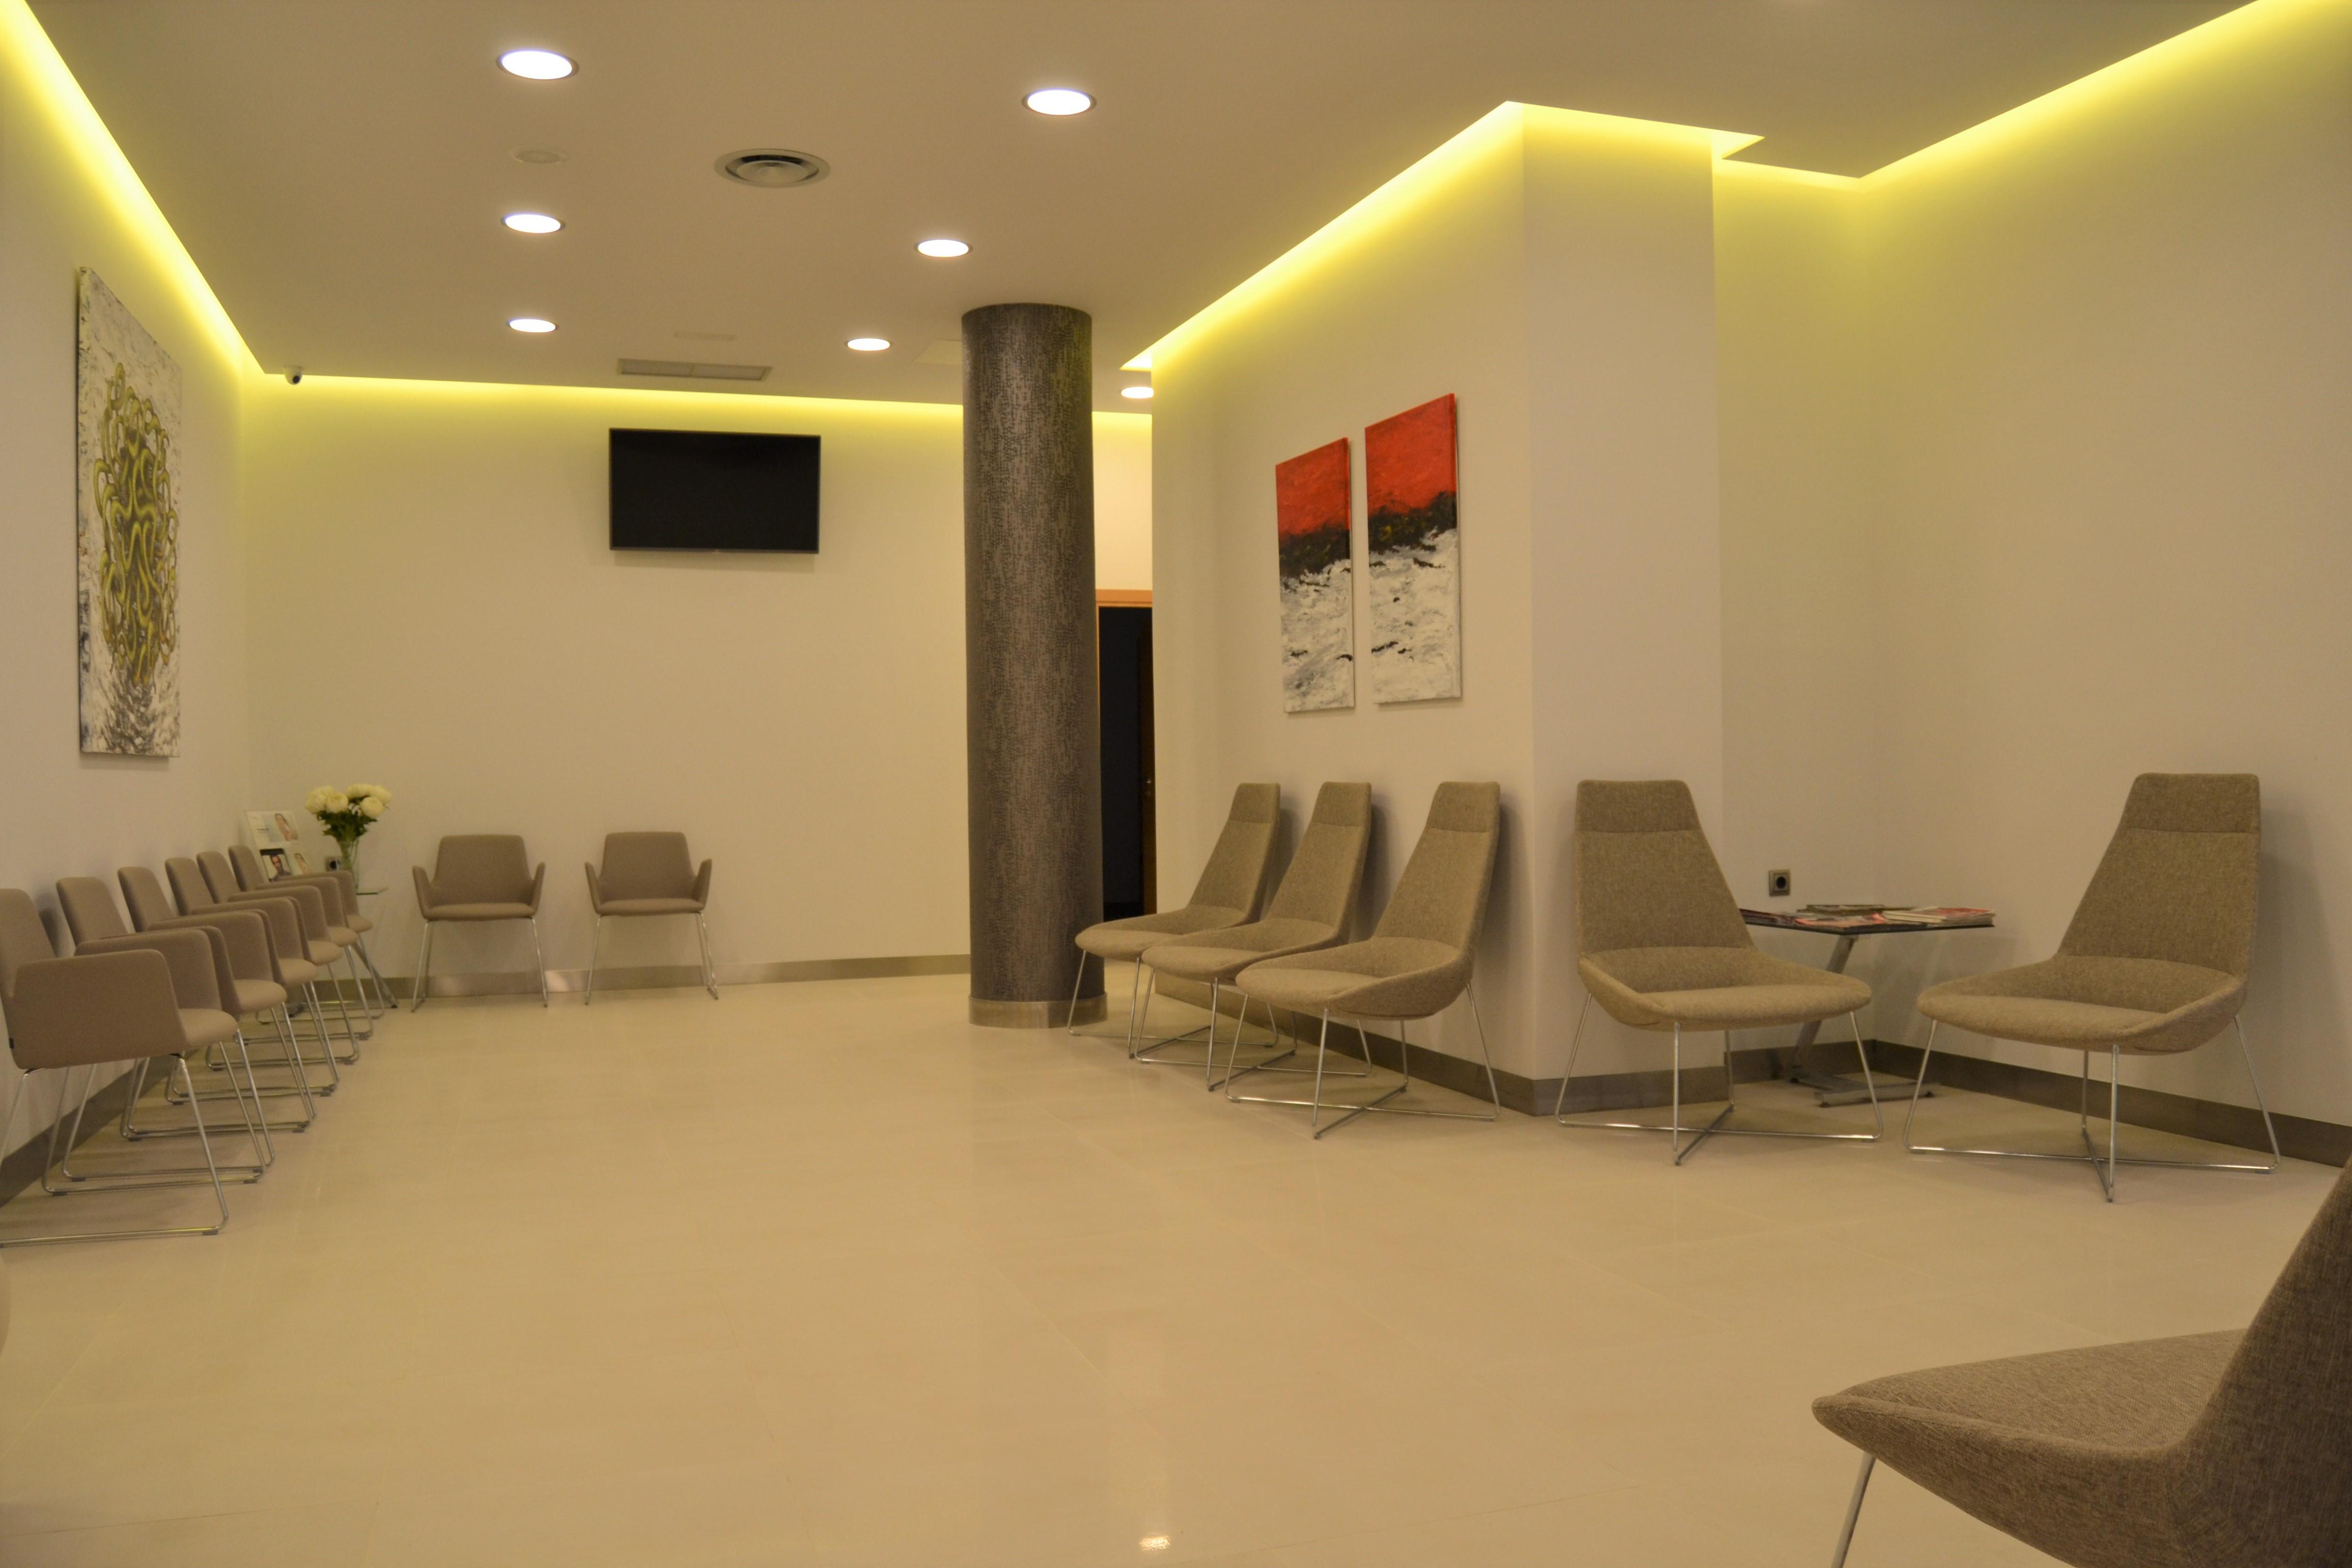 Sala de espera 1-3